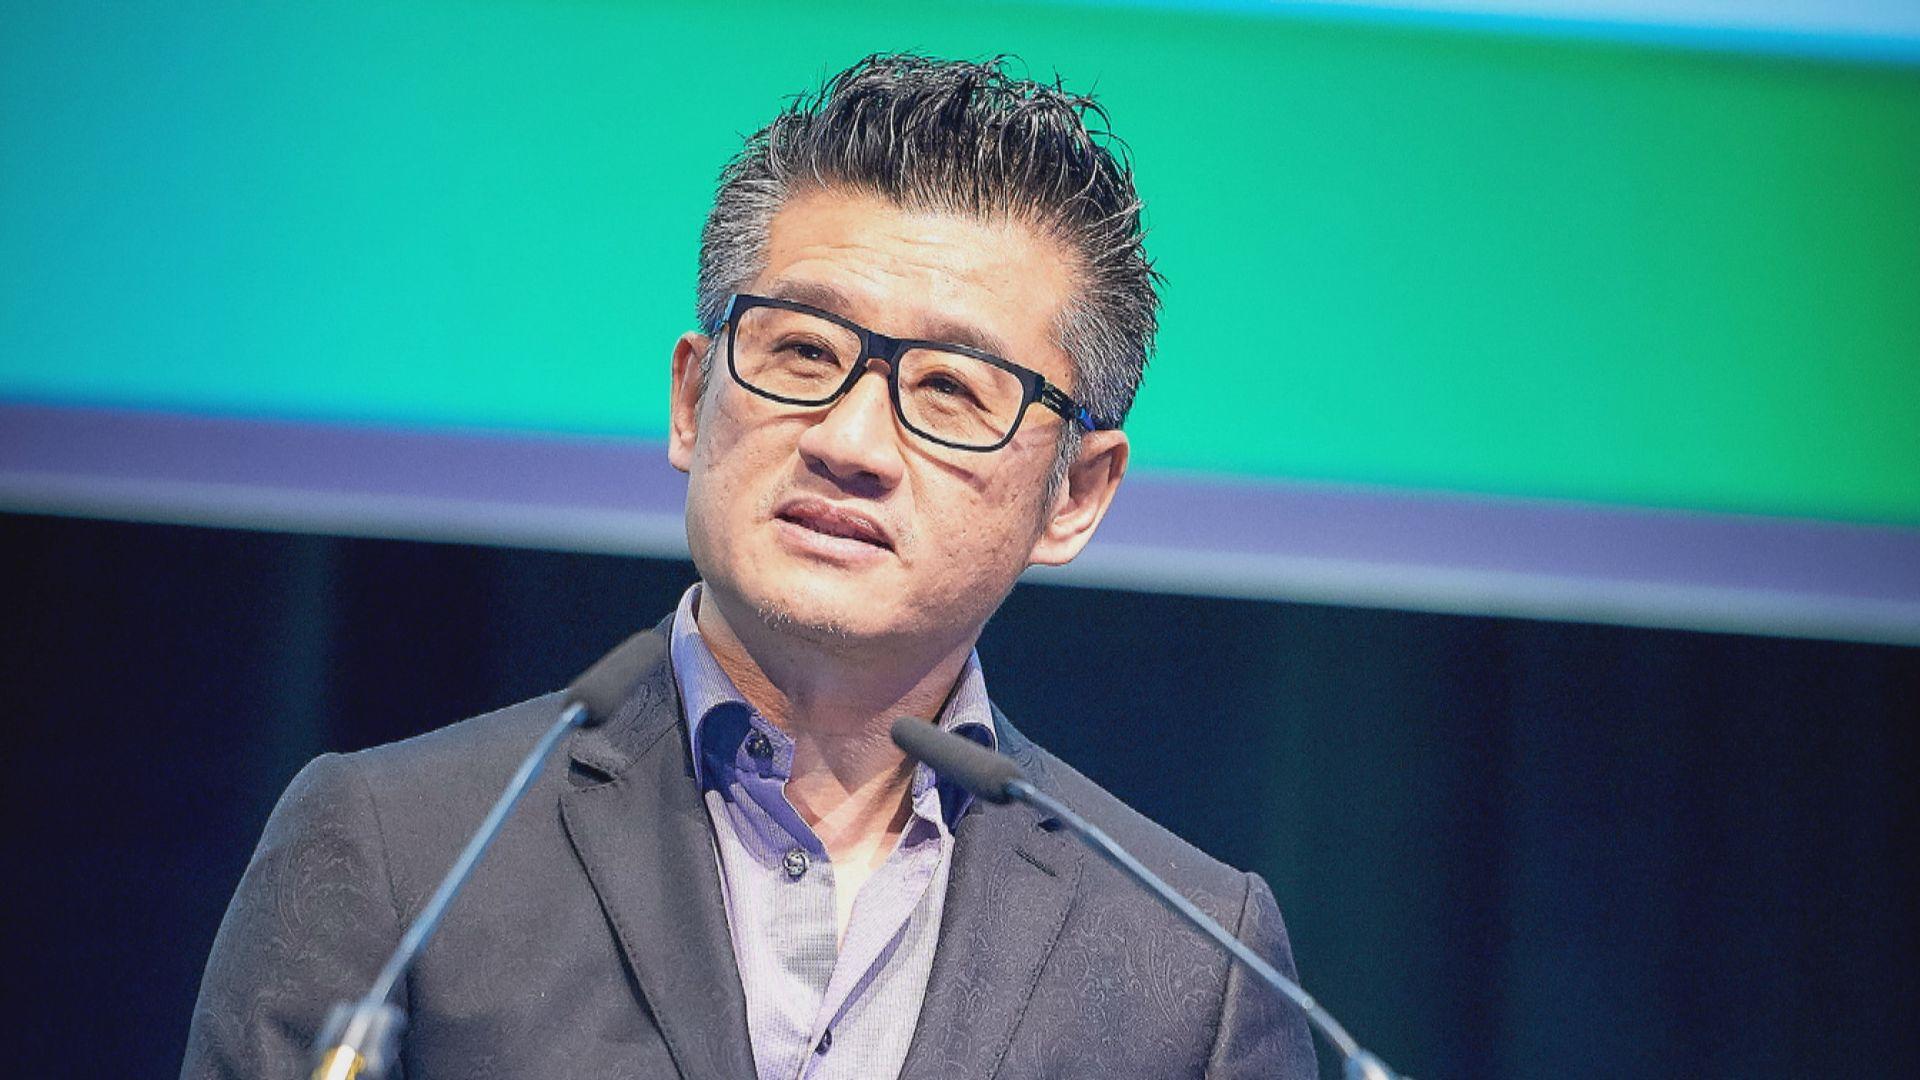 莫樹錦成首位獲腫瘤學會頒發終身成就獎華人